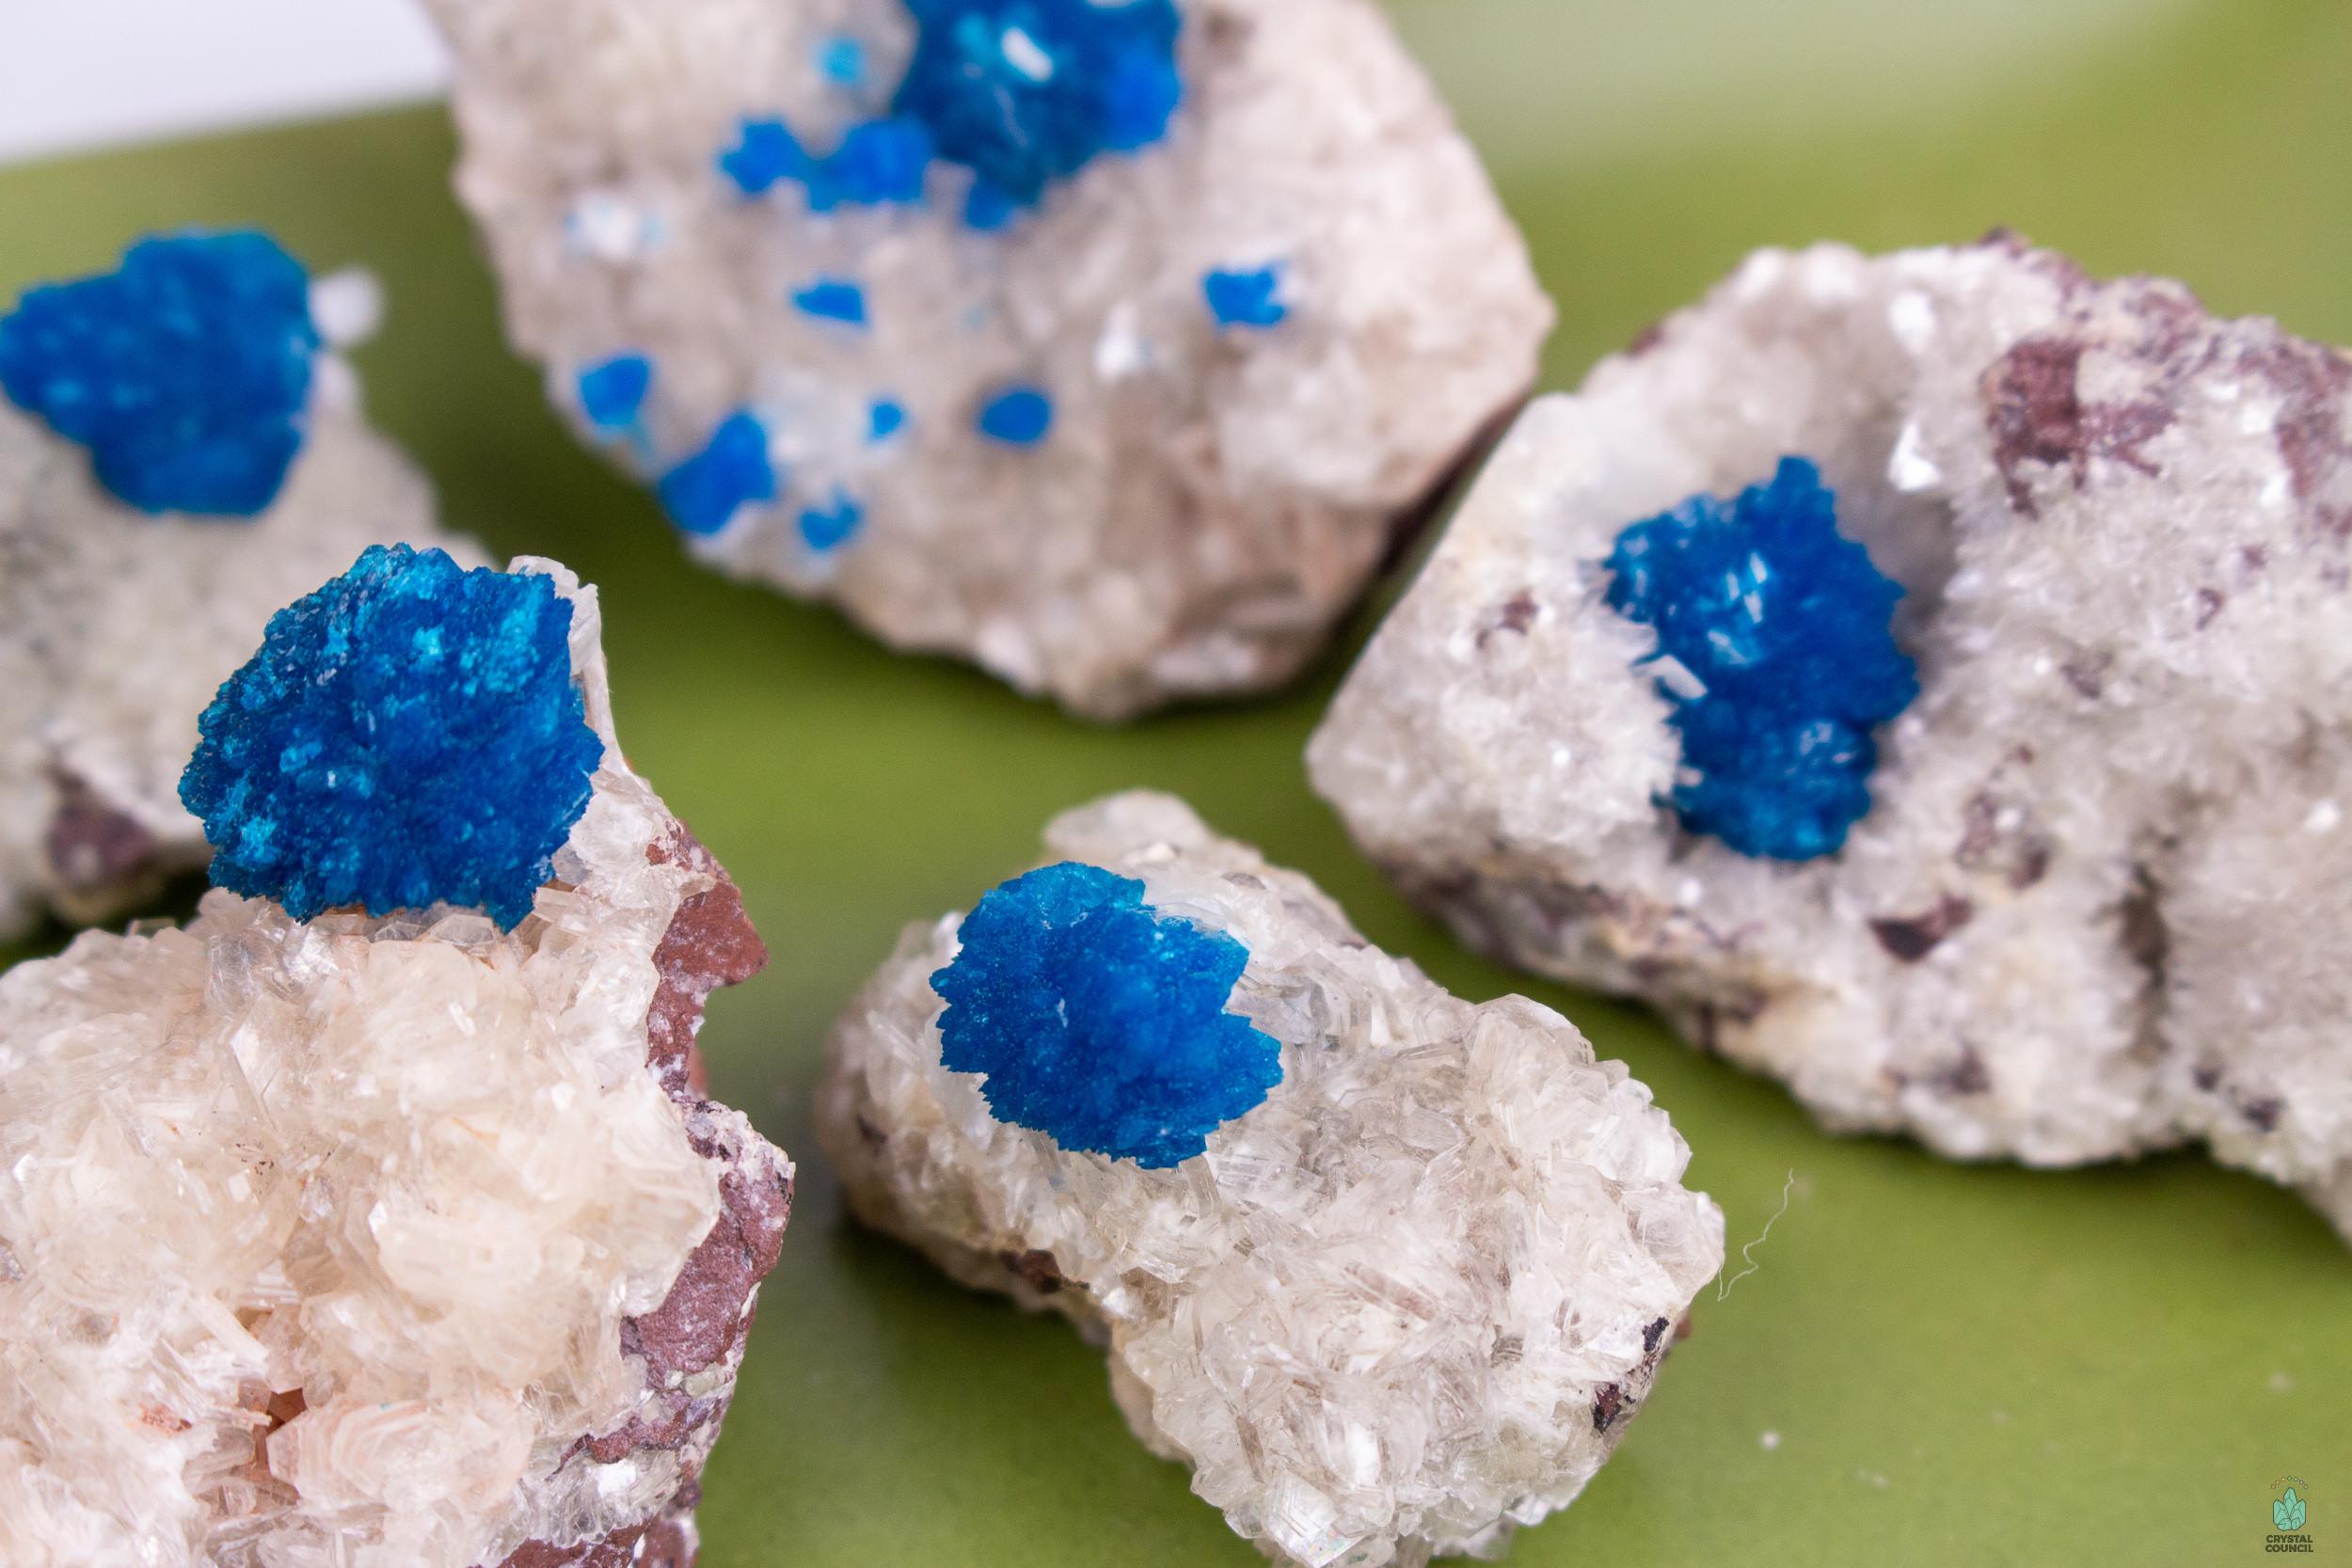 Cavansite Tumble RARE Cavansite Rare Cavansite Mineral Specimen